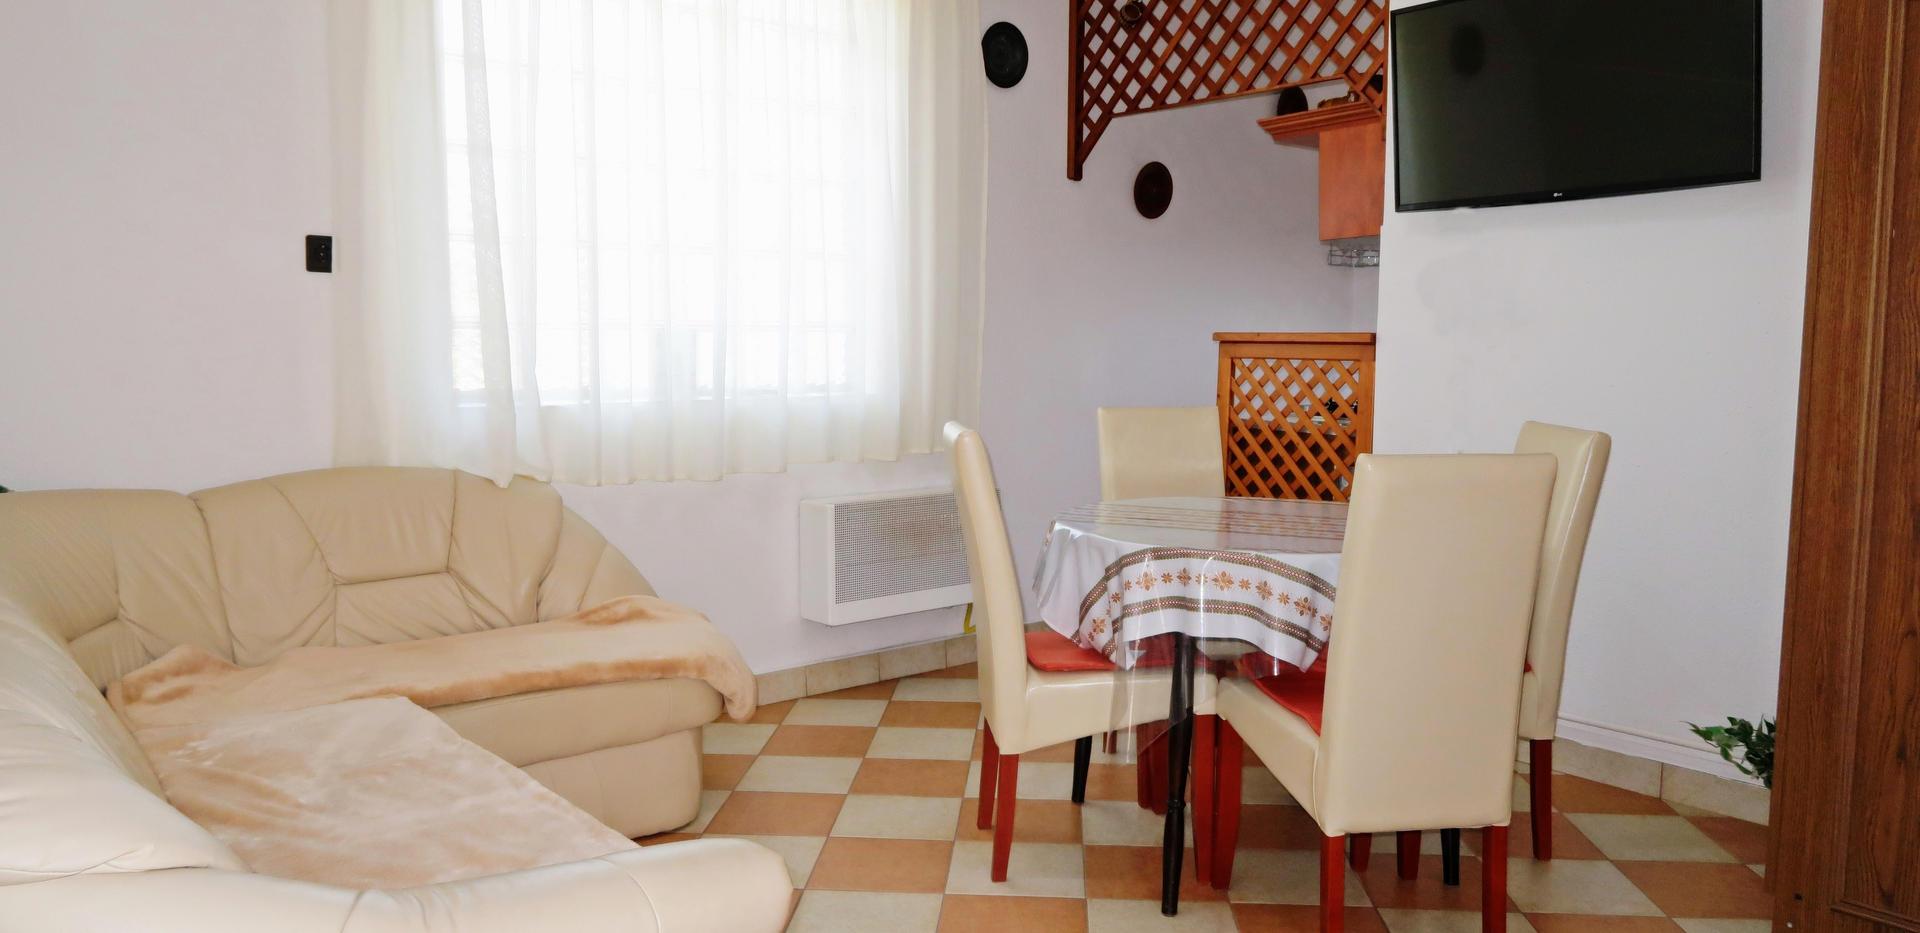 Zalakaros_2-es Ház_4 személyes apartman